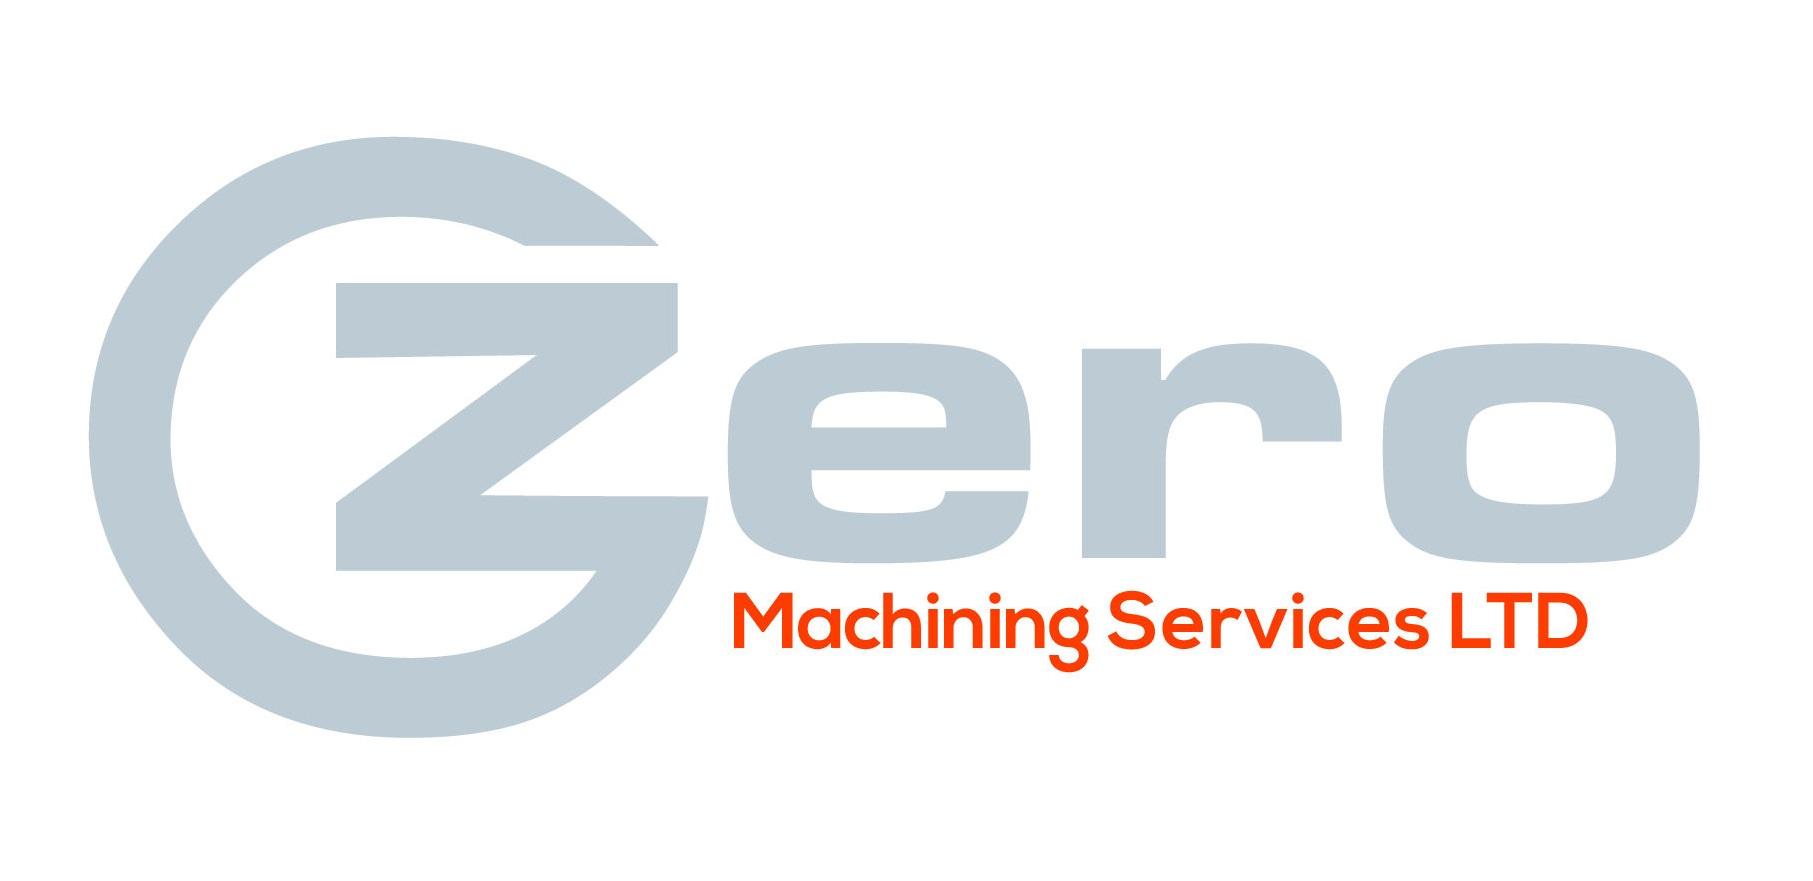 GZero Machining